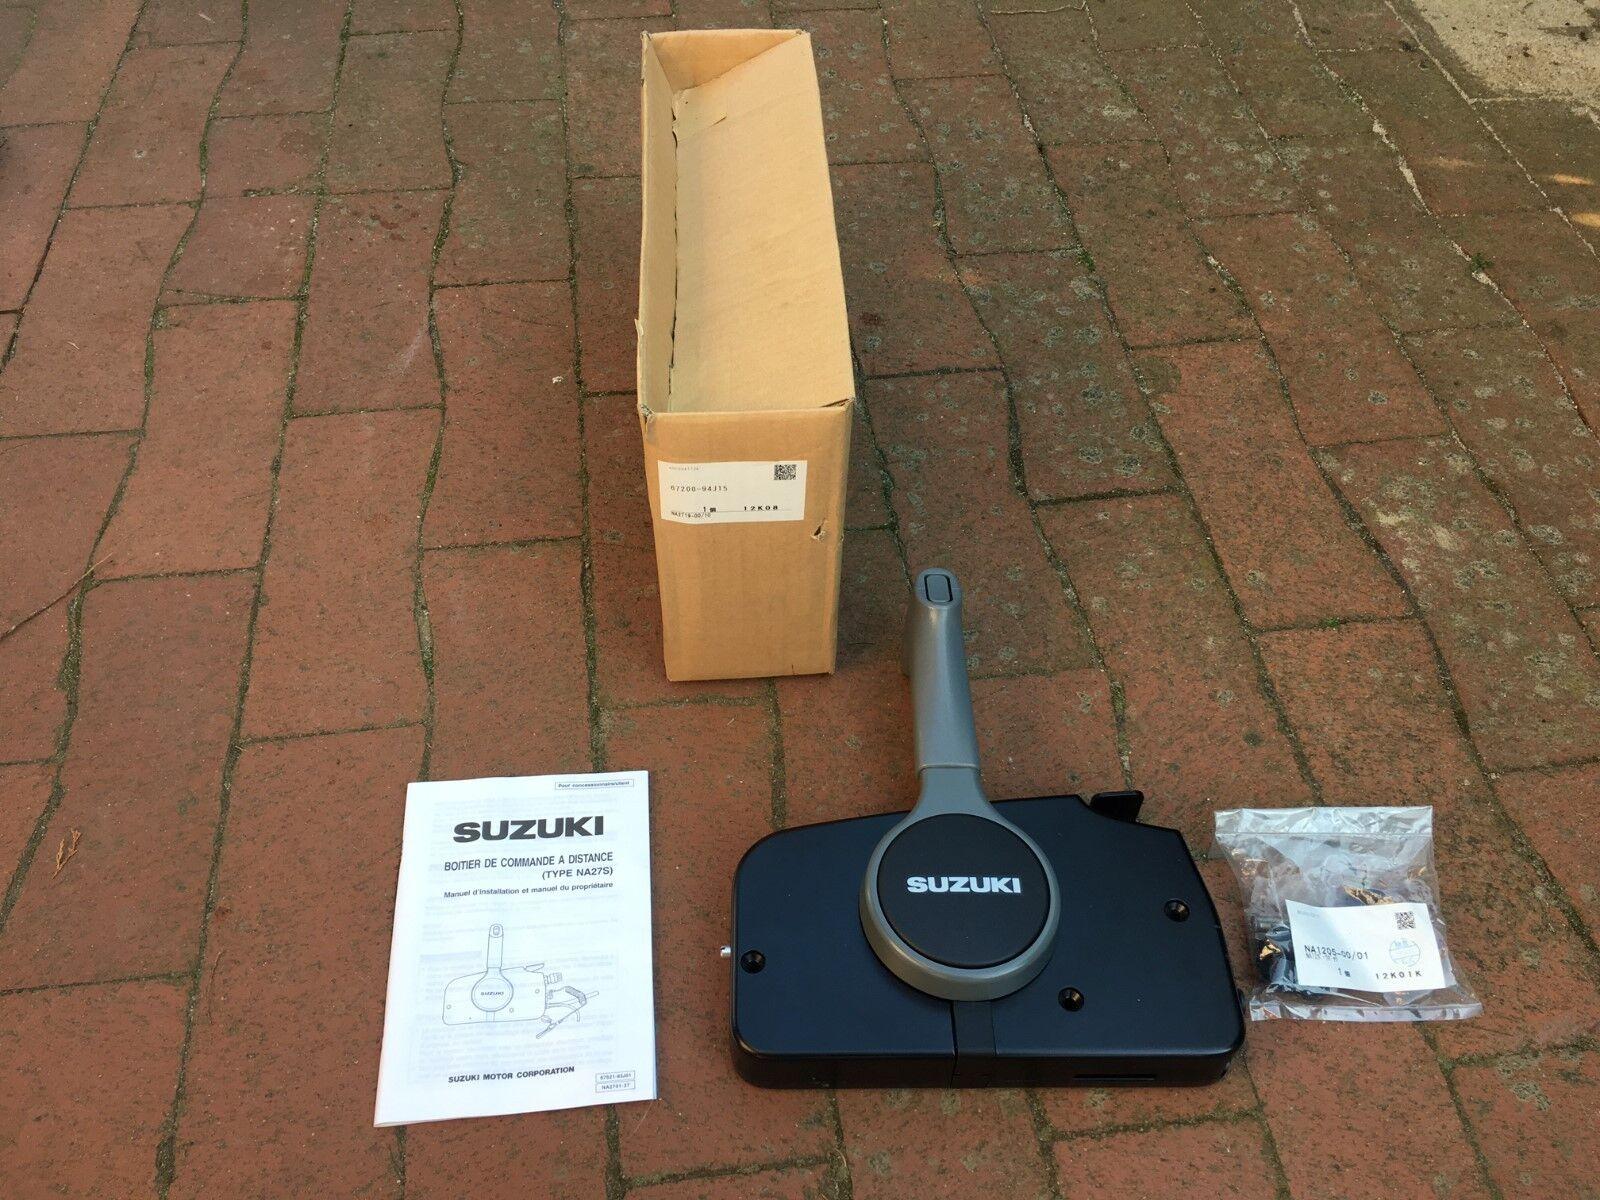 SUZUKI Control, Fernschaltbox, Einhebel - Fernbedienung, Throttle/Shift Control, SUZUKI Remote 84206b